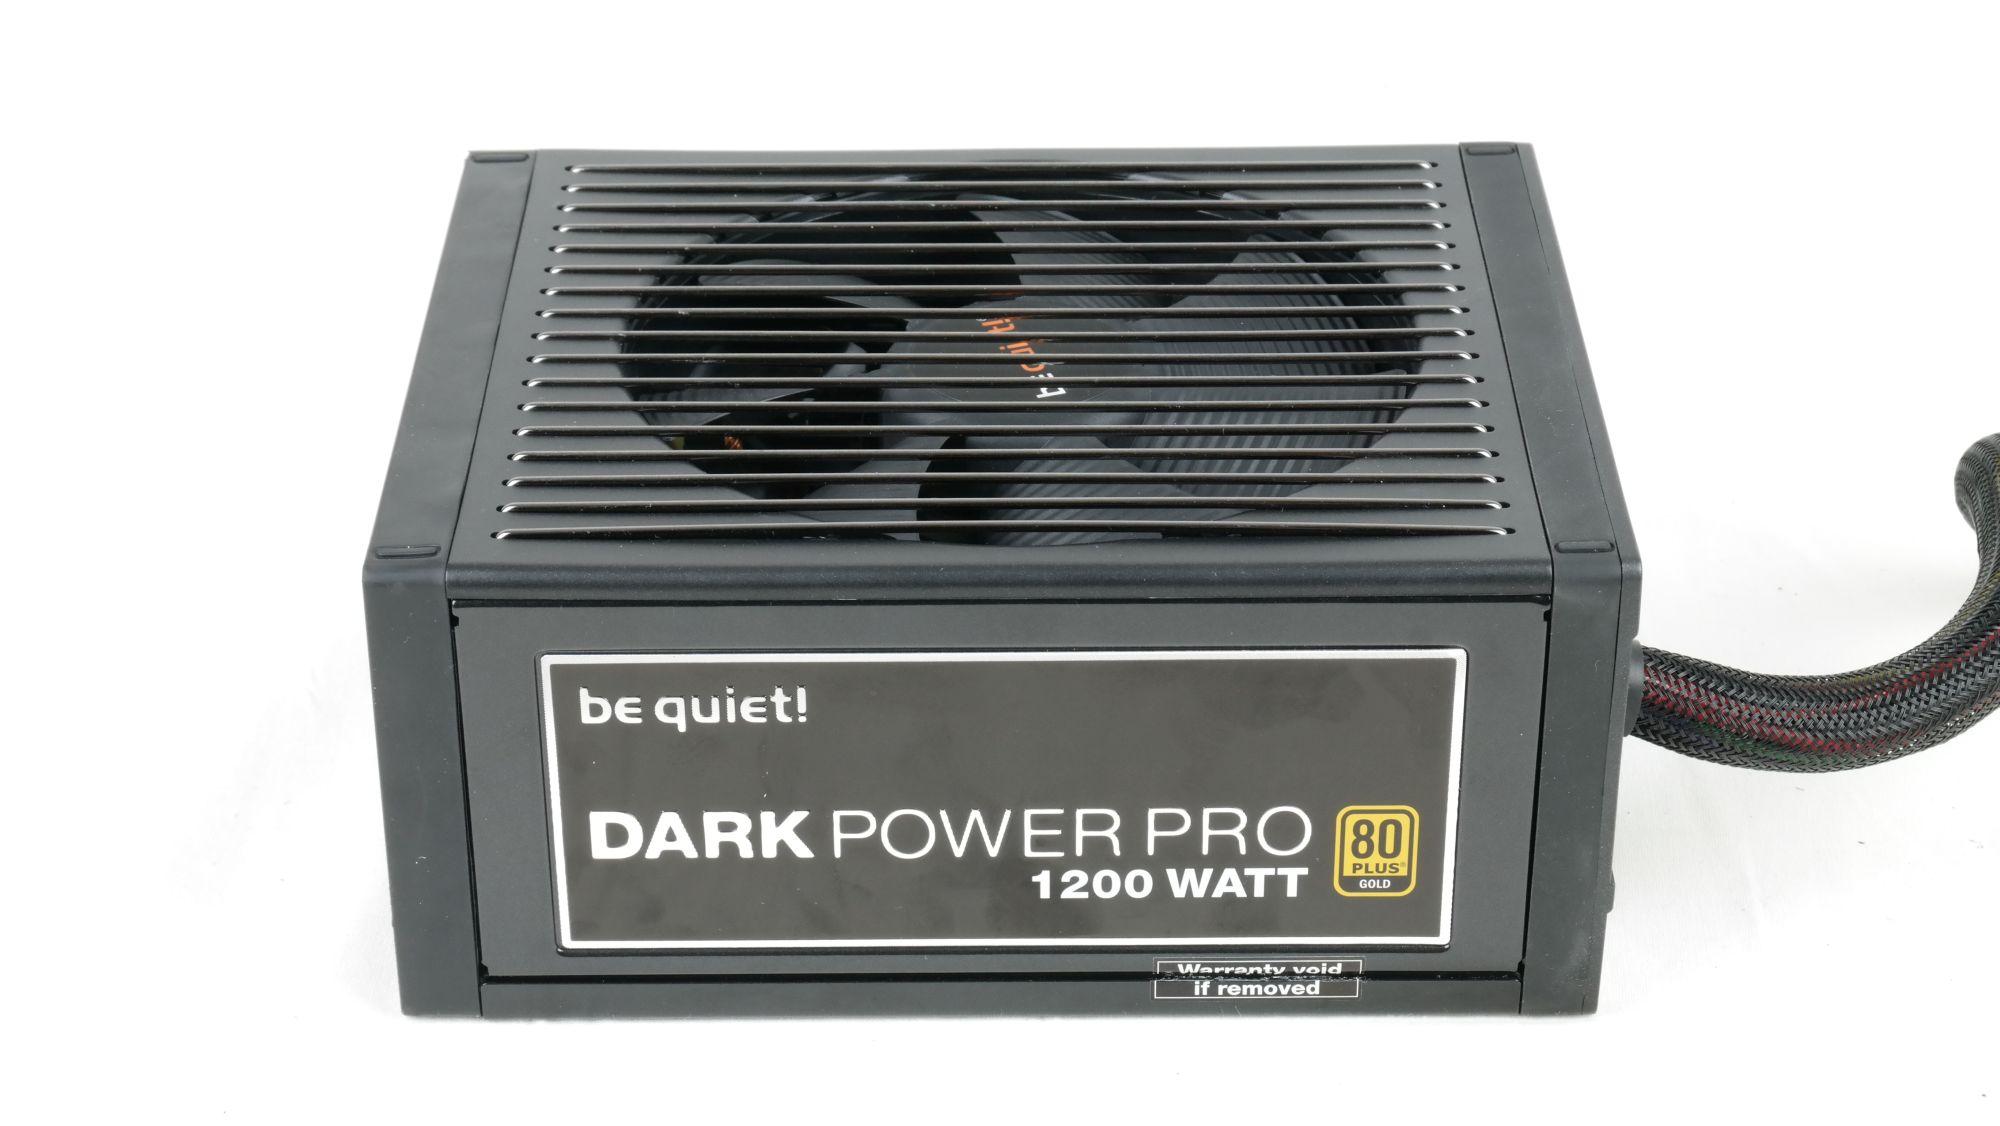 BQ_DarkPowerPro_1200W_005